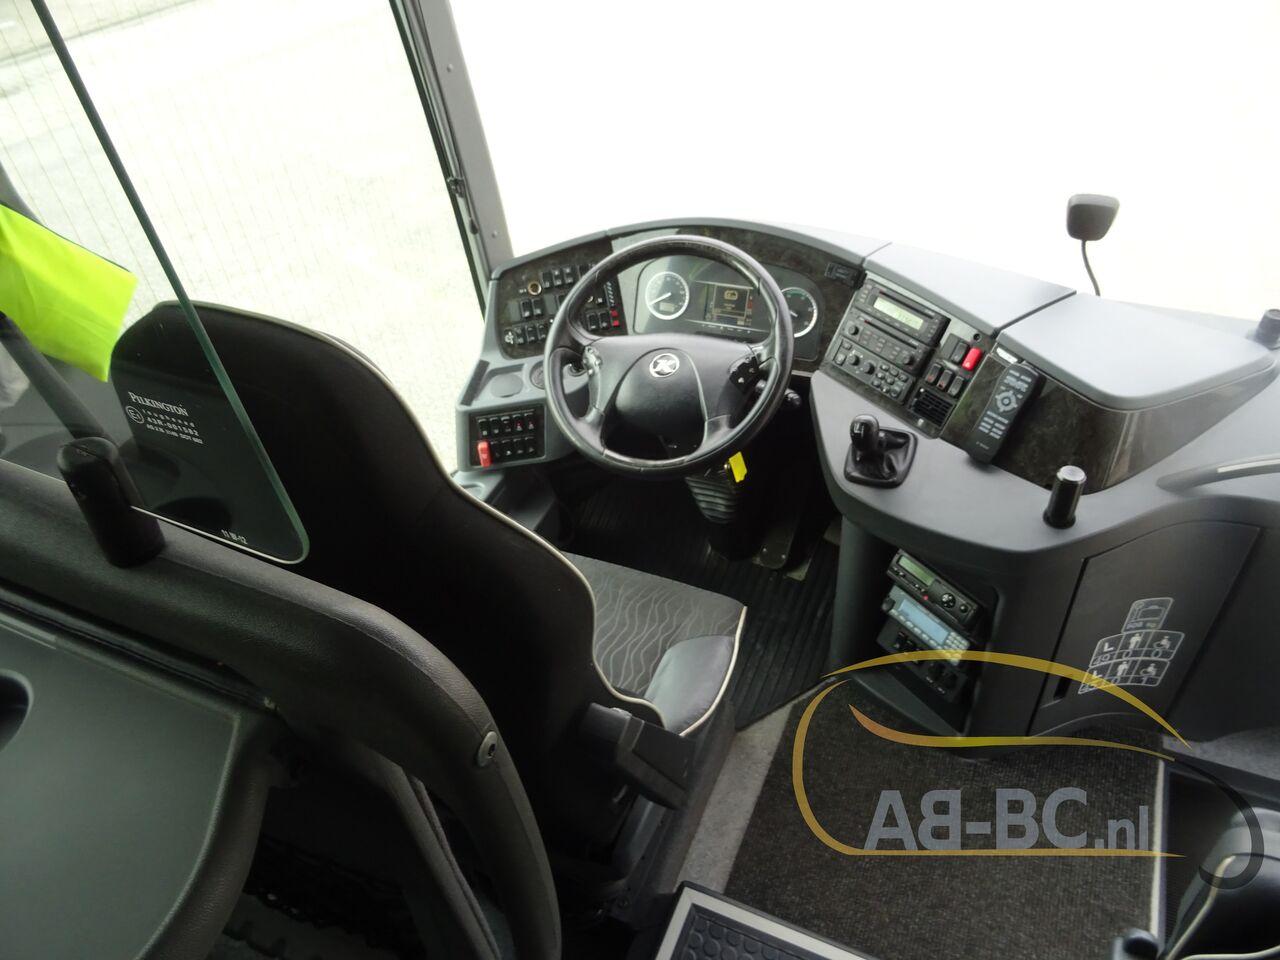 coach-busSETRA-S415-GT-HD-FINAL-EDITION---1627457324145967127_big_22dc62db6b821ad9af674fb6748f8817--21050713010665719300